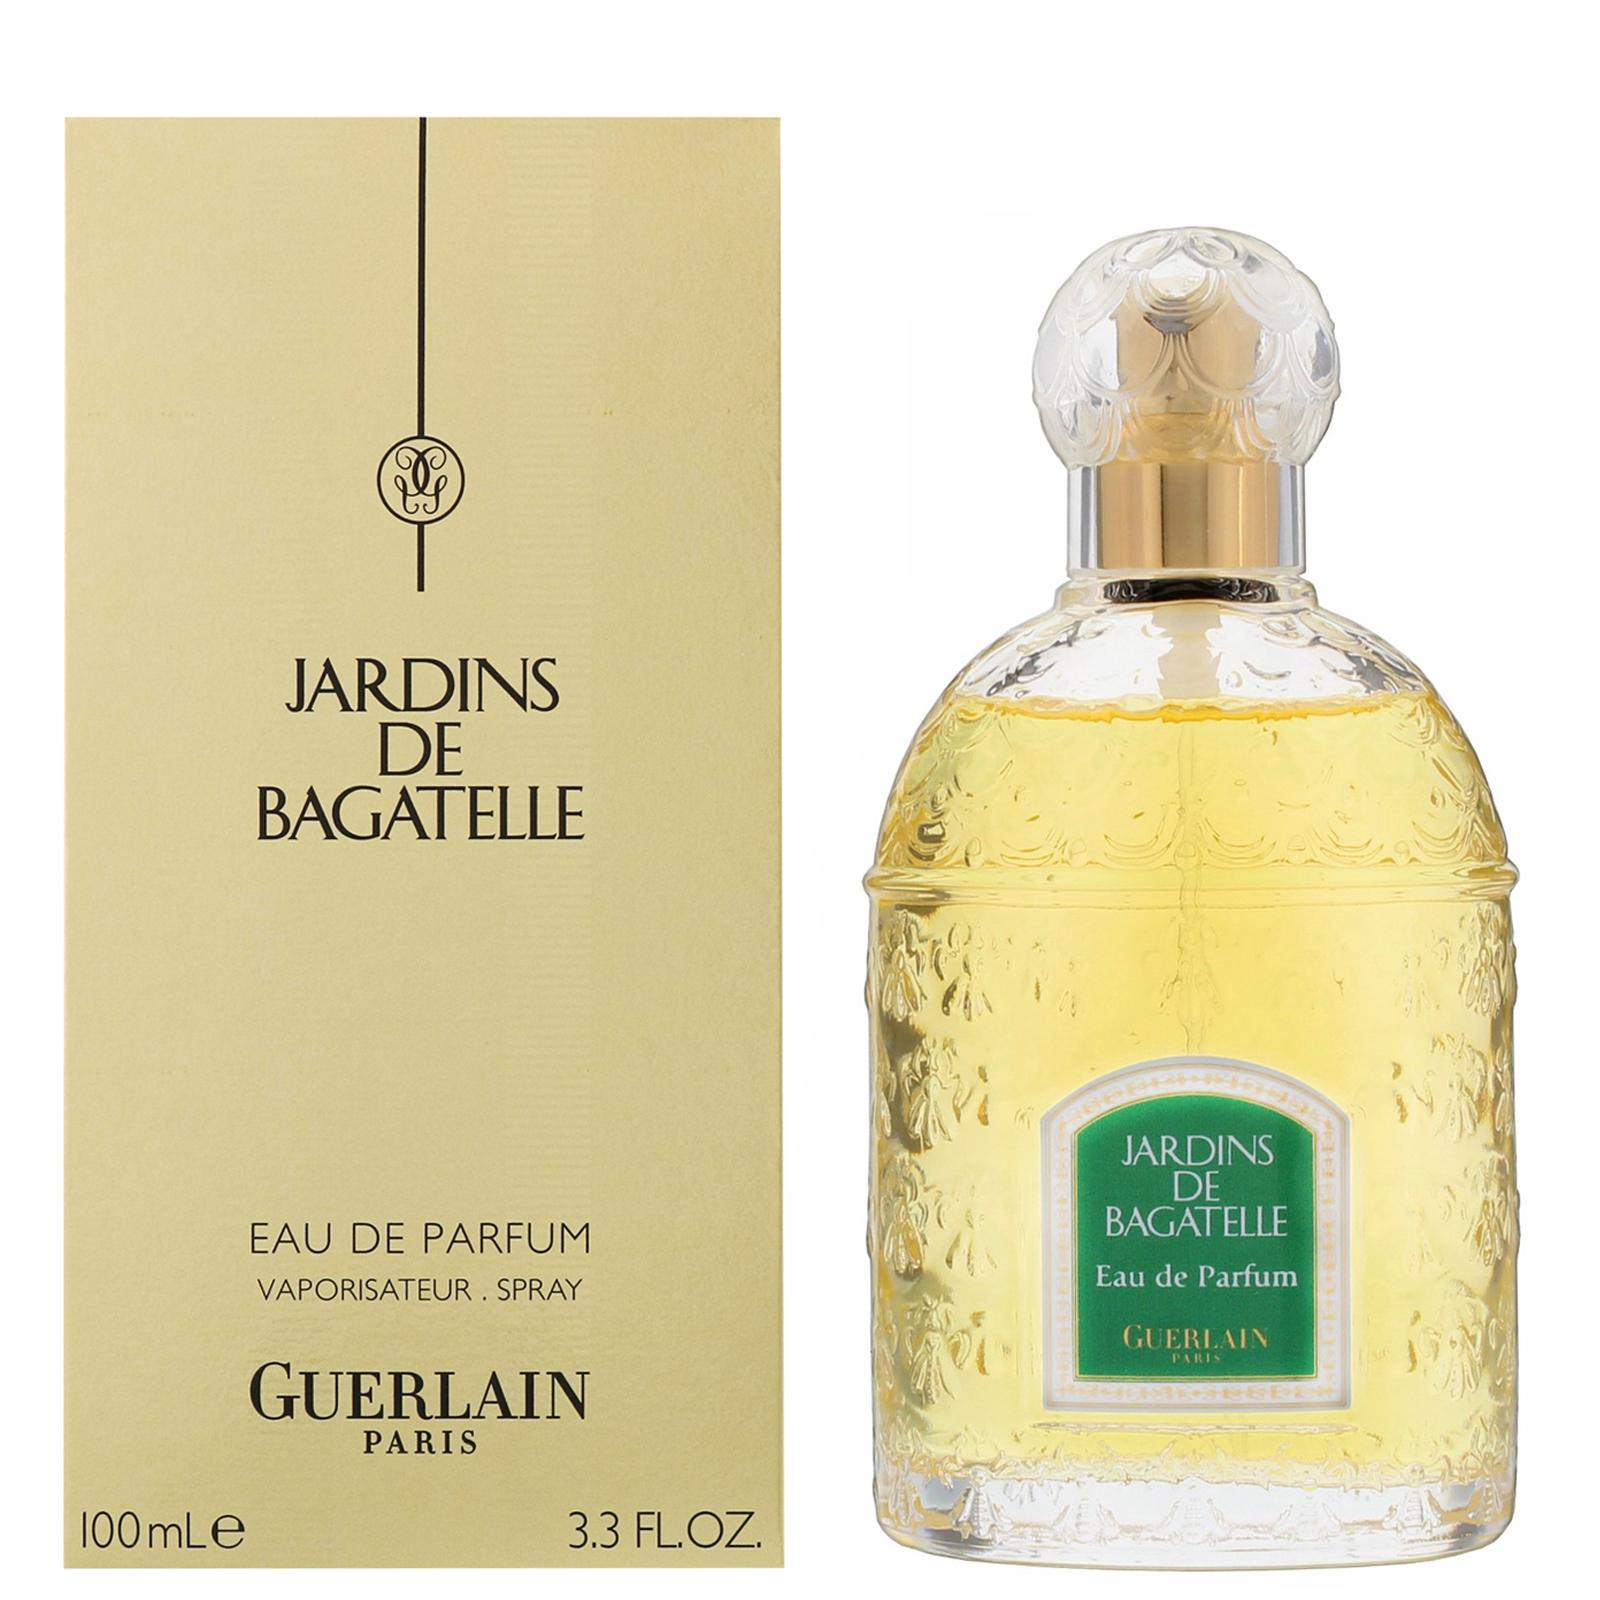 Guerlain Jardins De Bagatelle Eau De Parfum Spray 100Ml / 3.3 Fl.oz. pour Jardin De Bagatelle Parfum